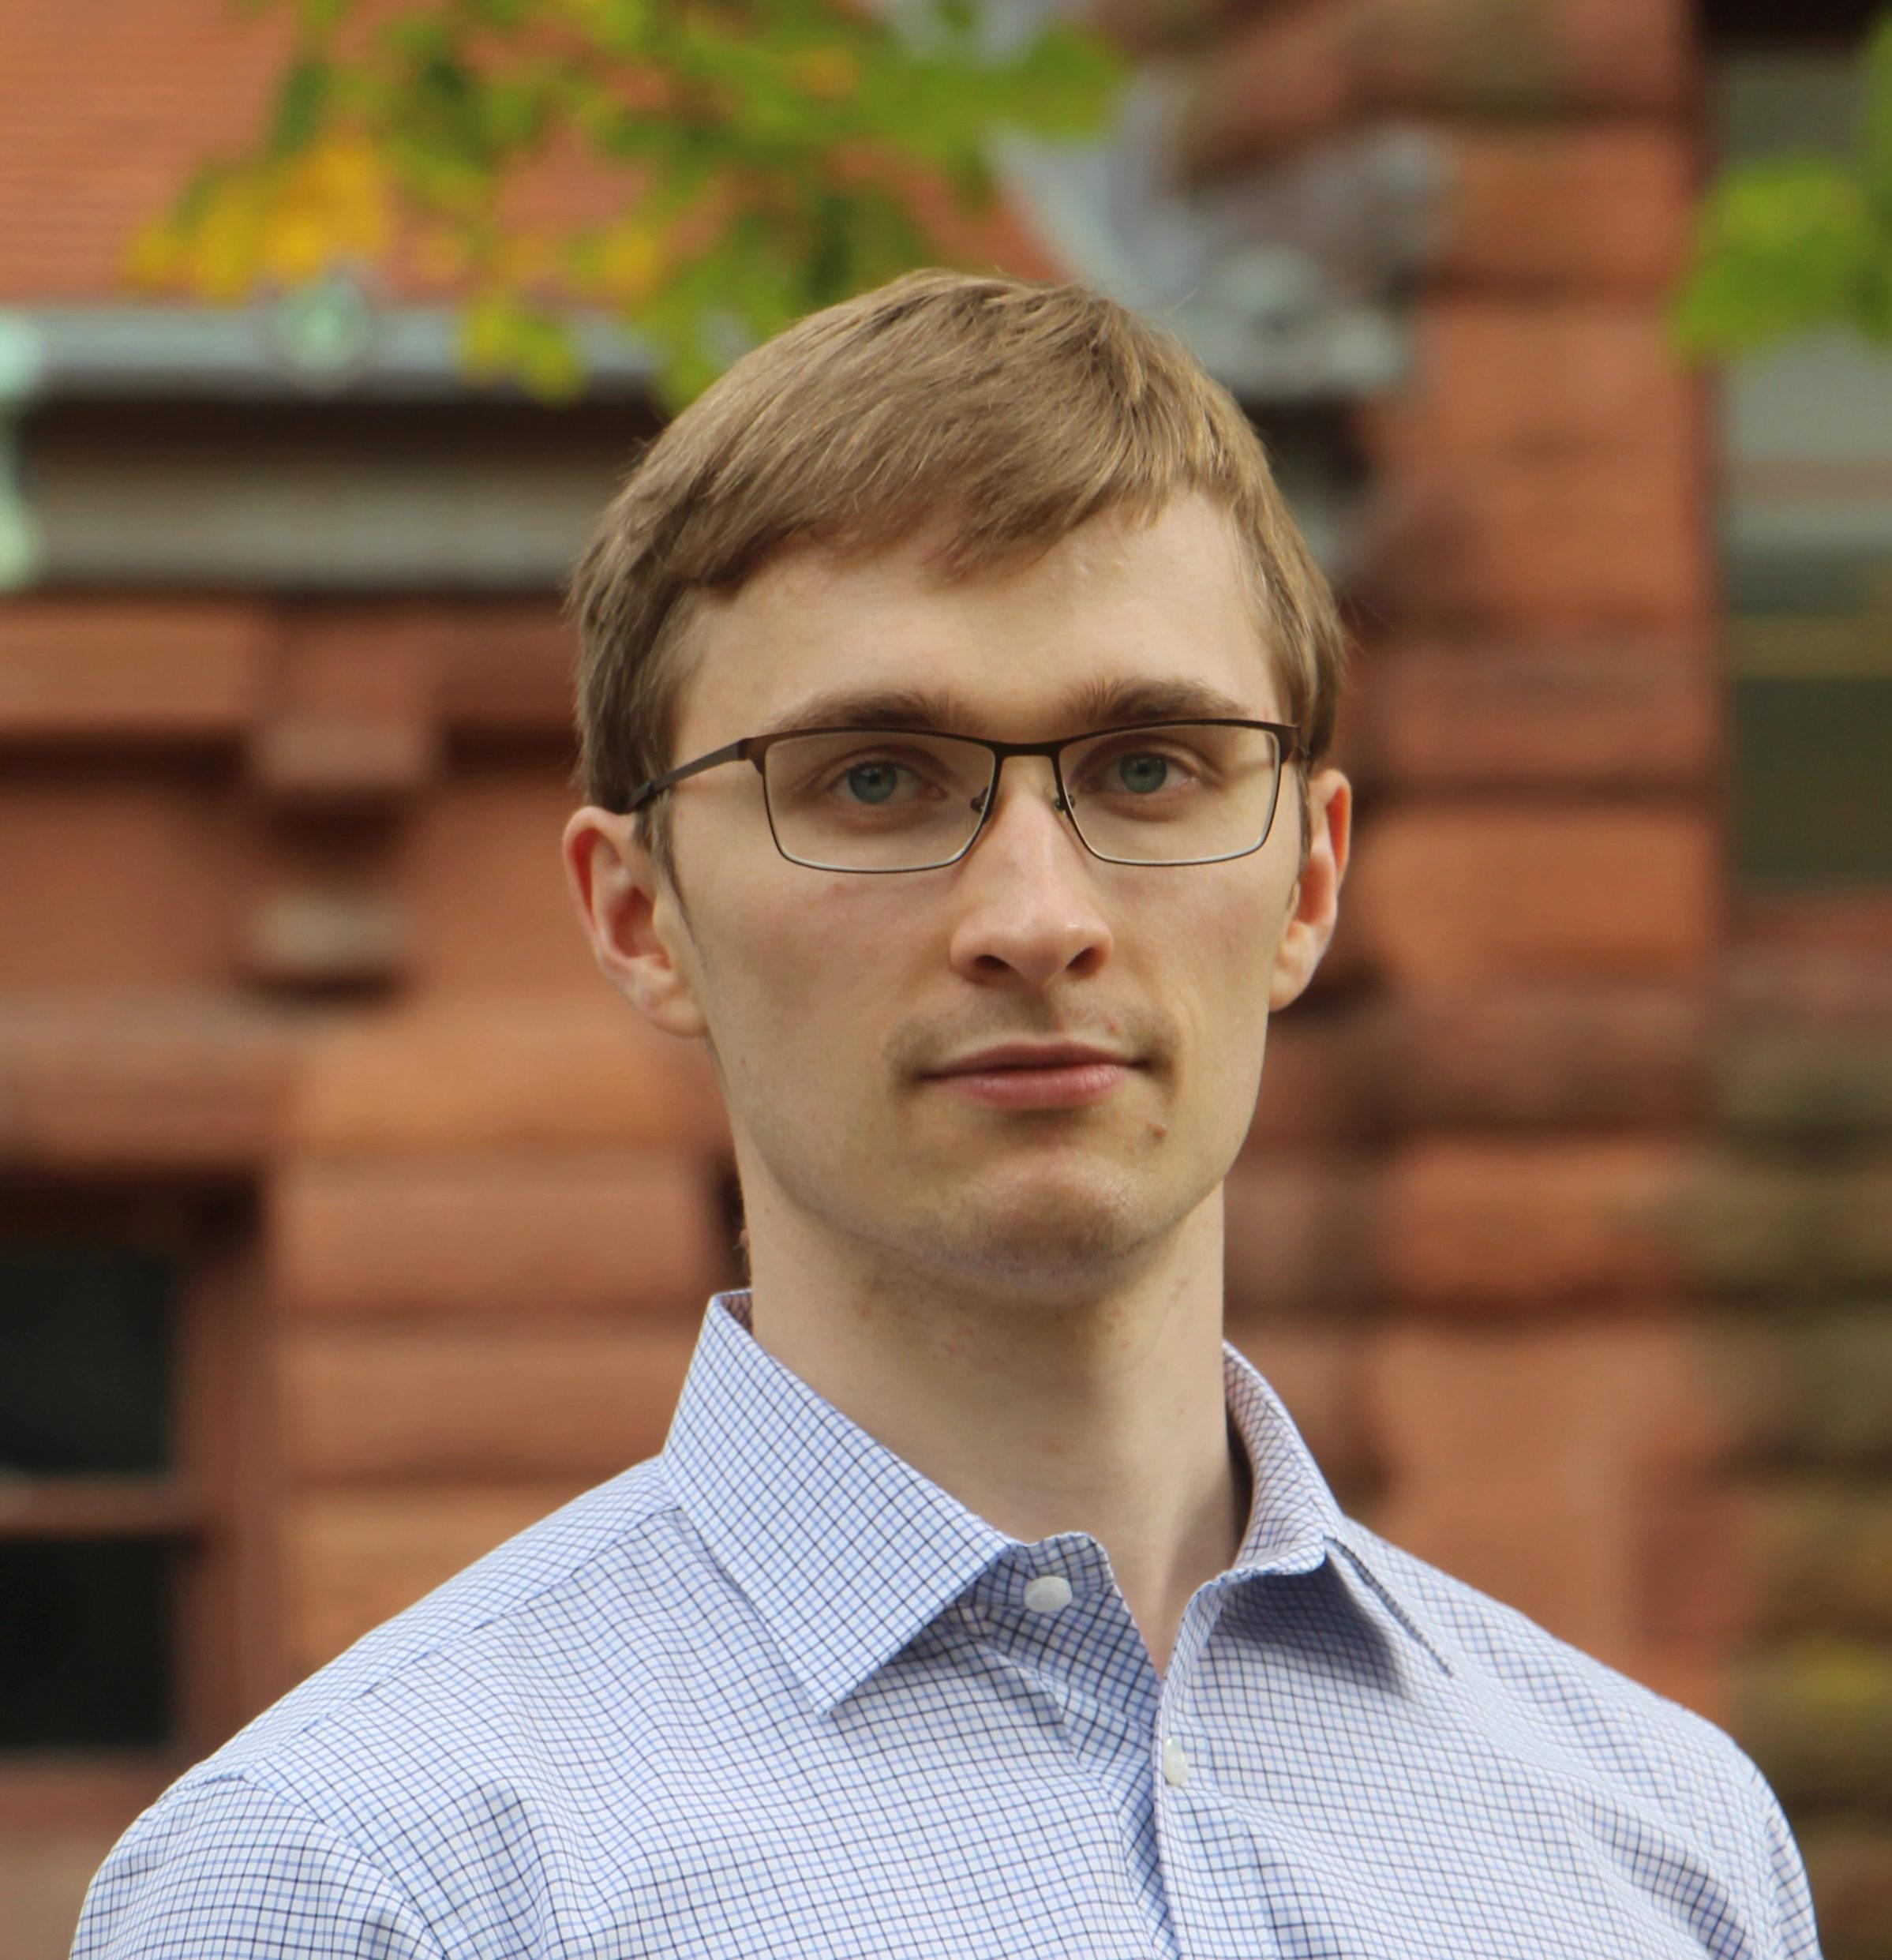 Alexandr Kopytov